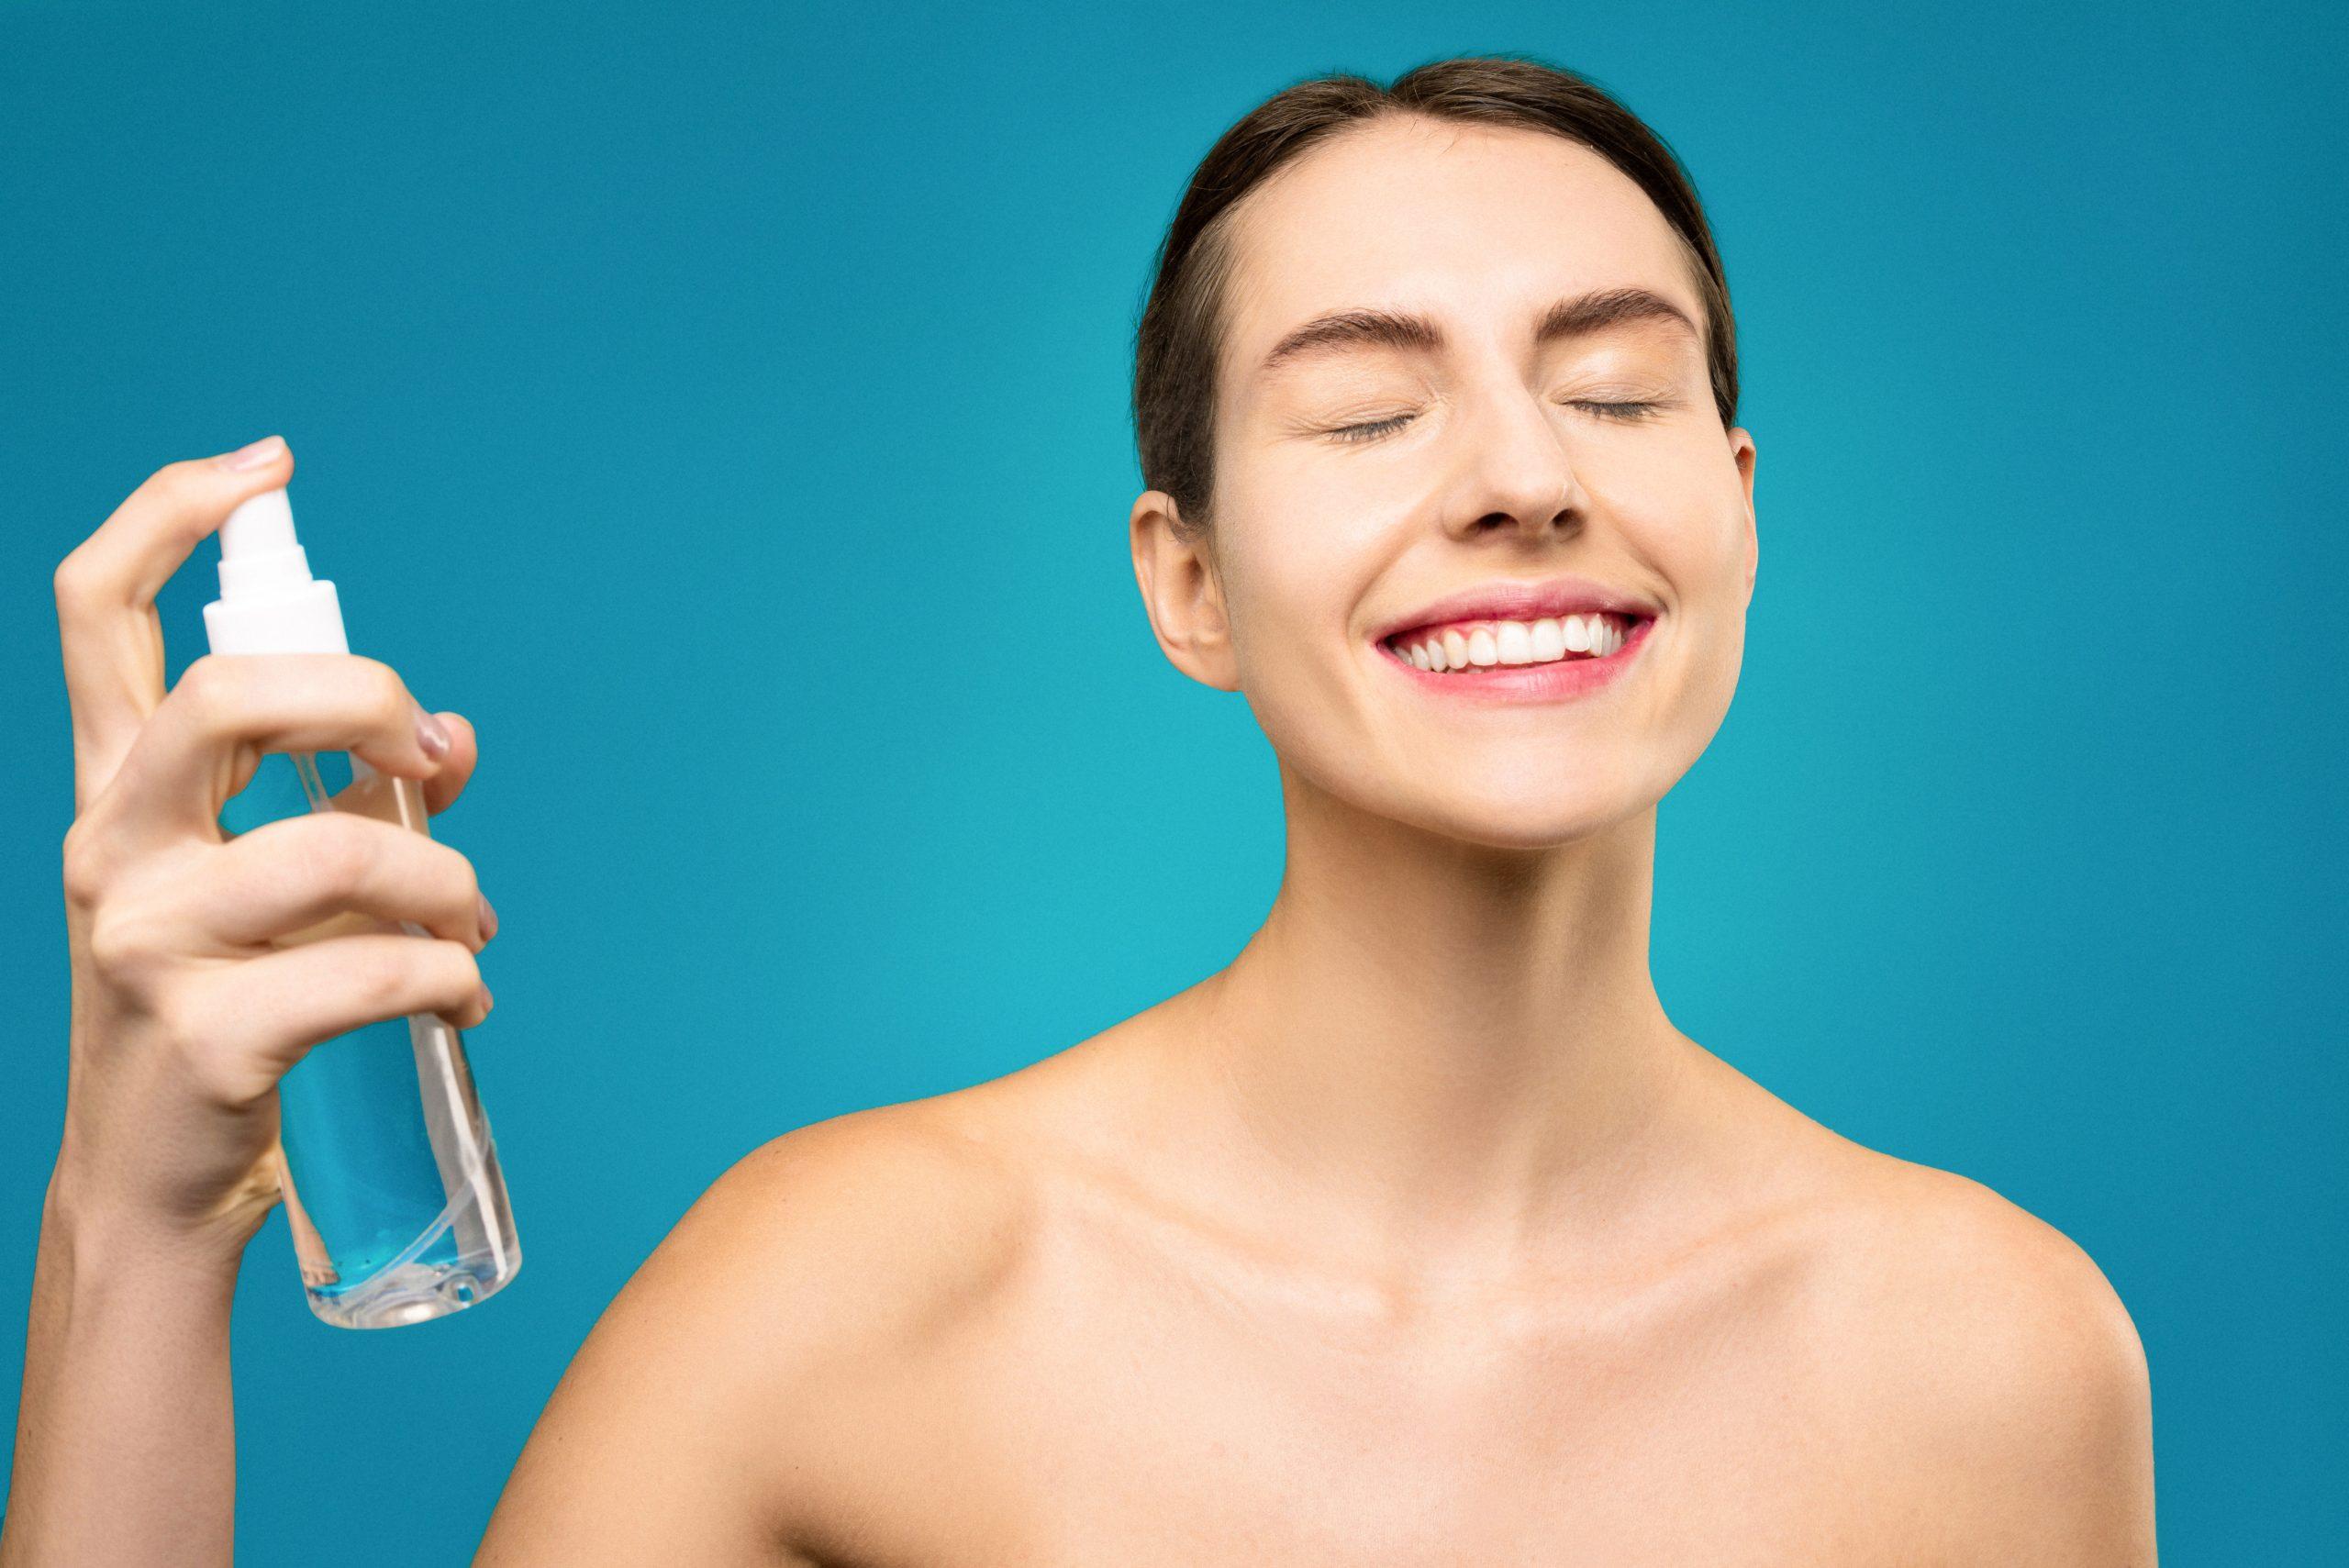 Água pra que te quero: é hora de hidratar bem a pele!